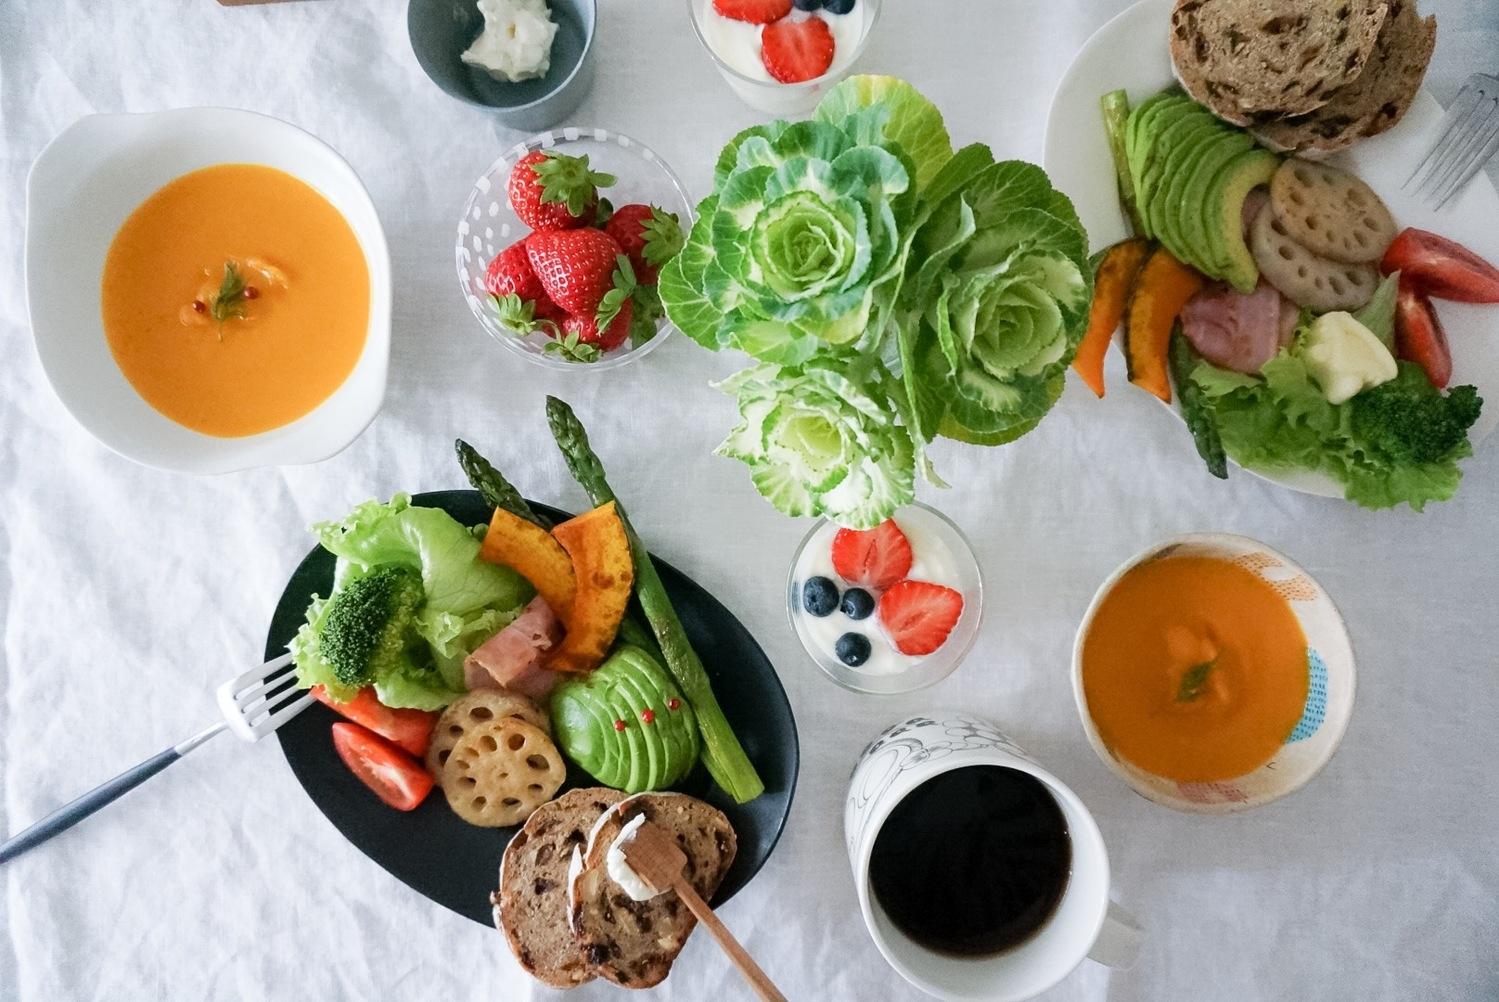 ずばり!野菜+タンパク質を中心に